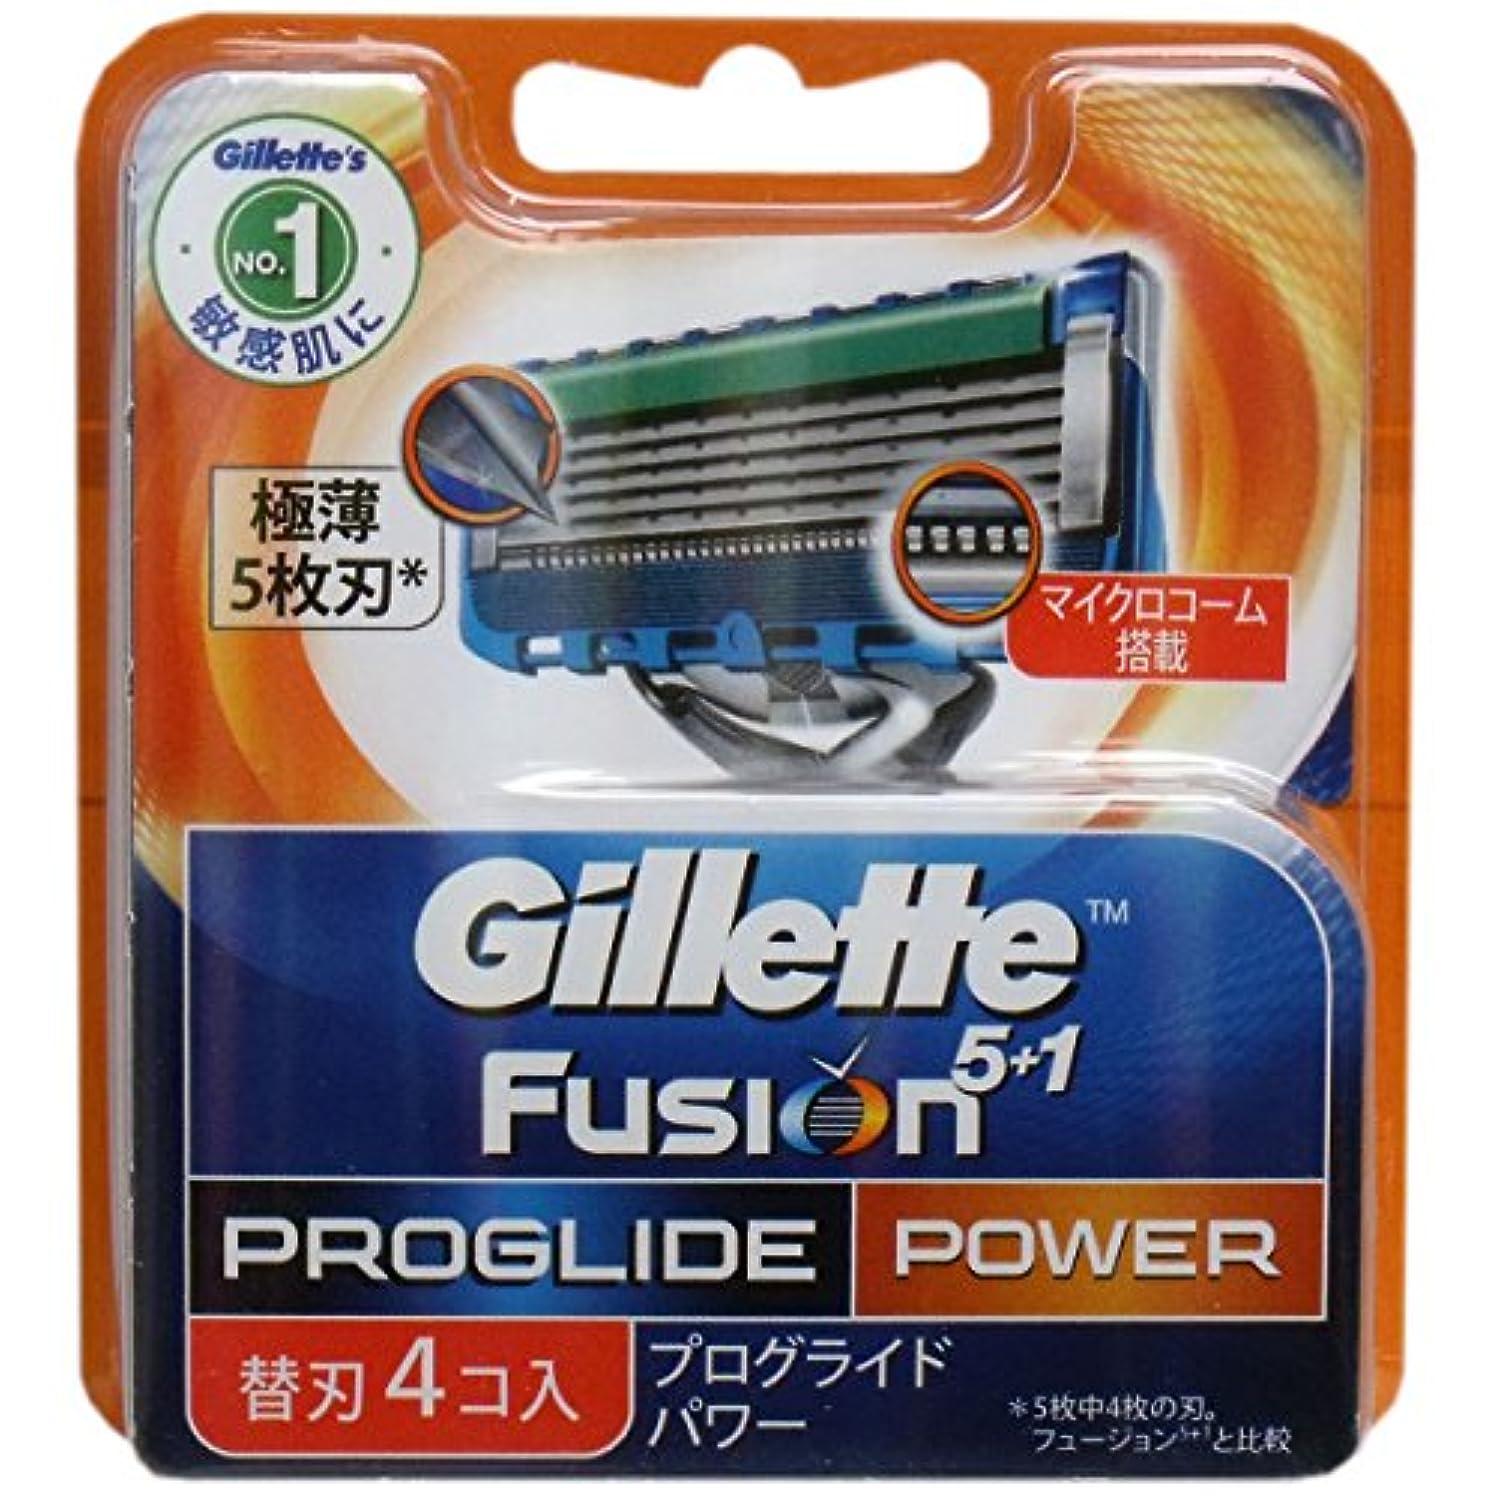 不要承認する対象ジレット プログライドパワー替刃 4B × 5個セット